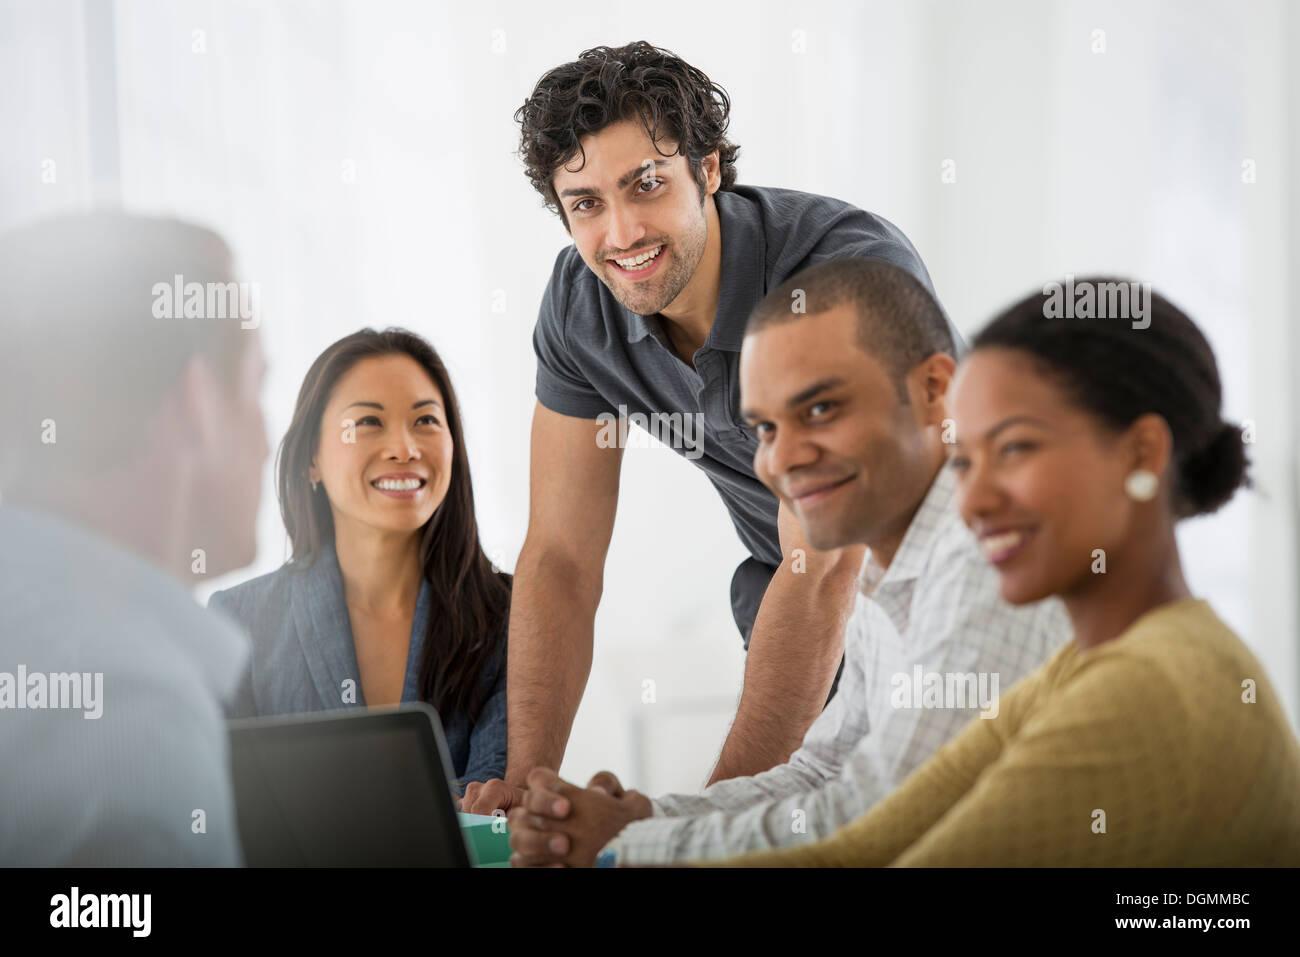 Eine Multi ethnische Gruppe von Menschen rund um einen Tisch, Männer und Frauen. Teamarbeit. Treffen. Stockbild